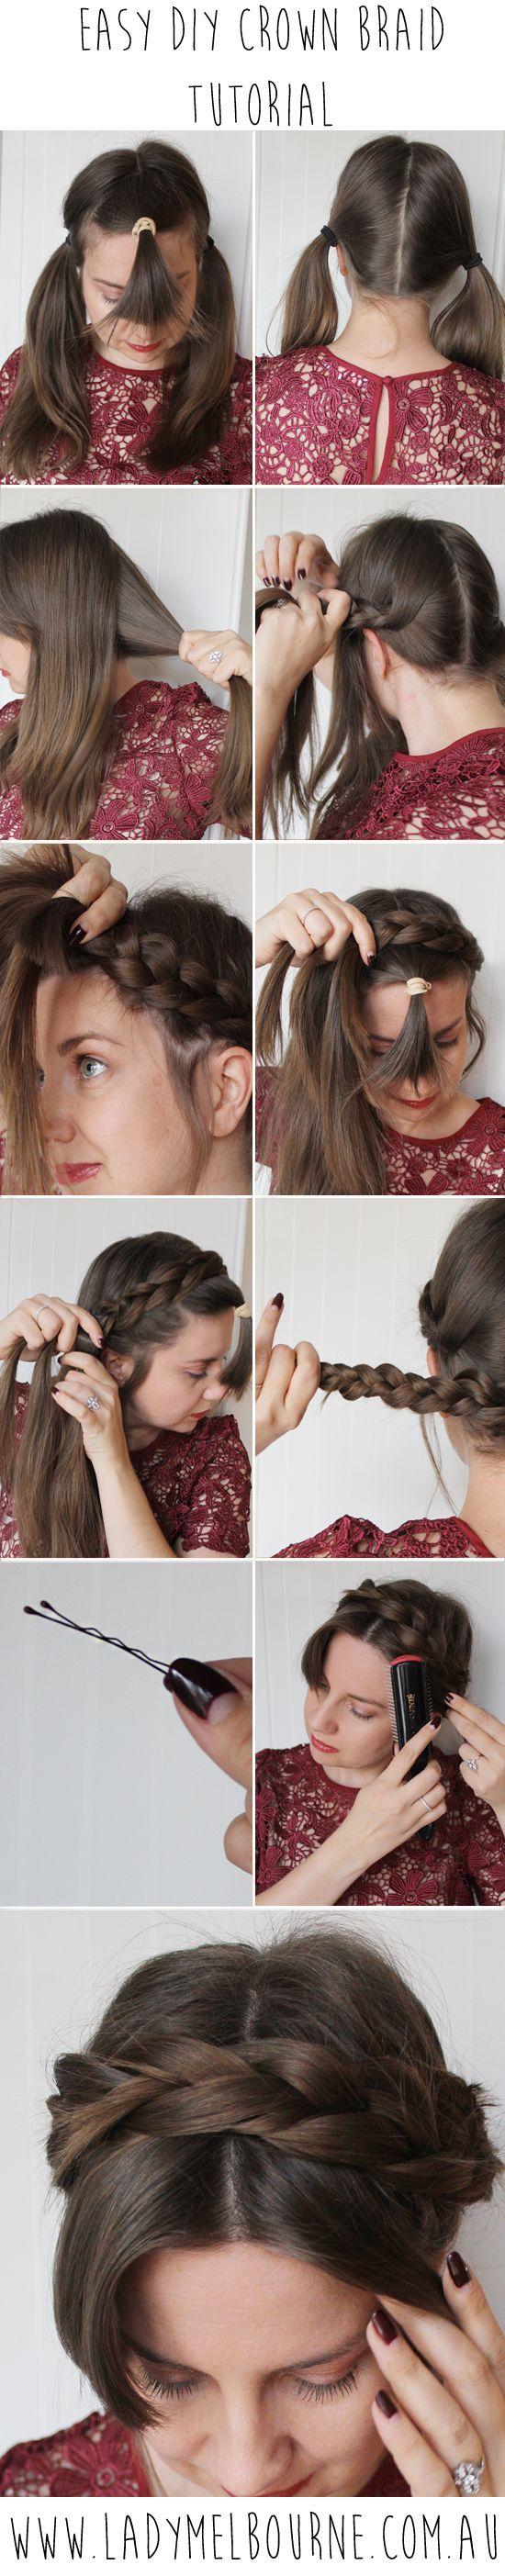 Easy diy crown braid tutorial crown braid tutorials crown braids